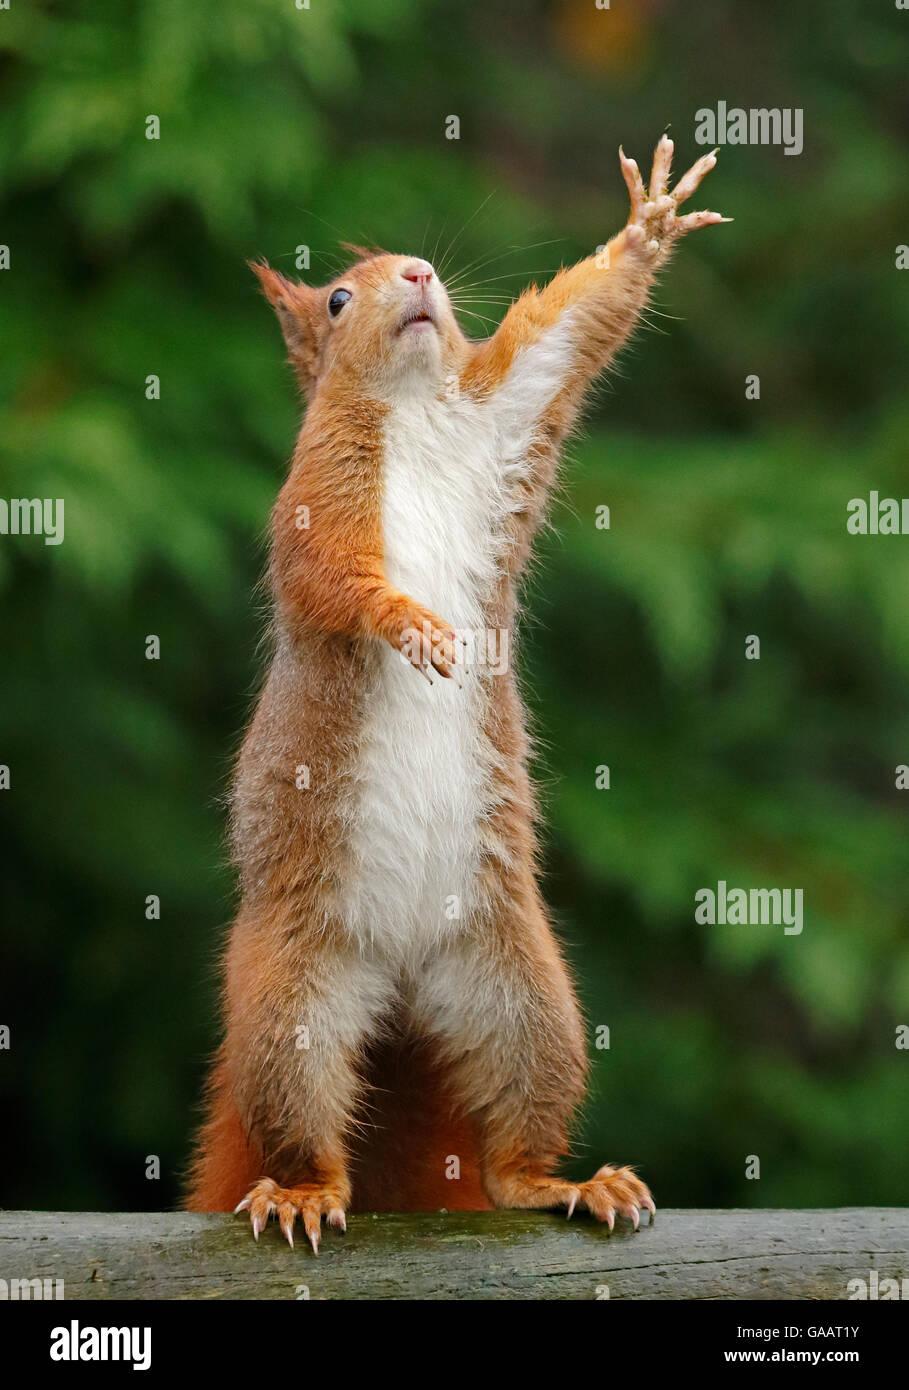 Red squirrel (Sciurus vulgaris) reaching upwards, UK. Captive. - Stock Image